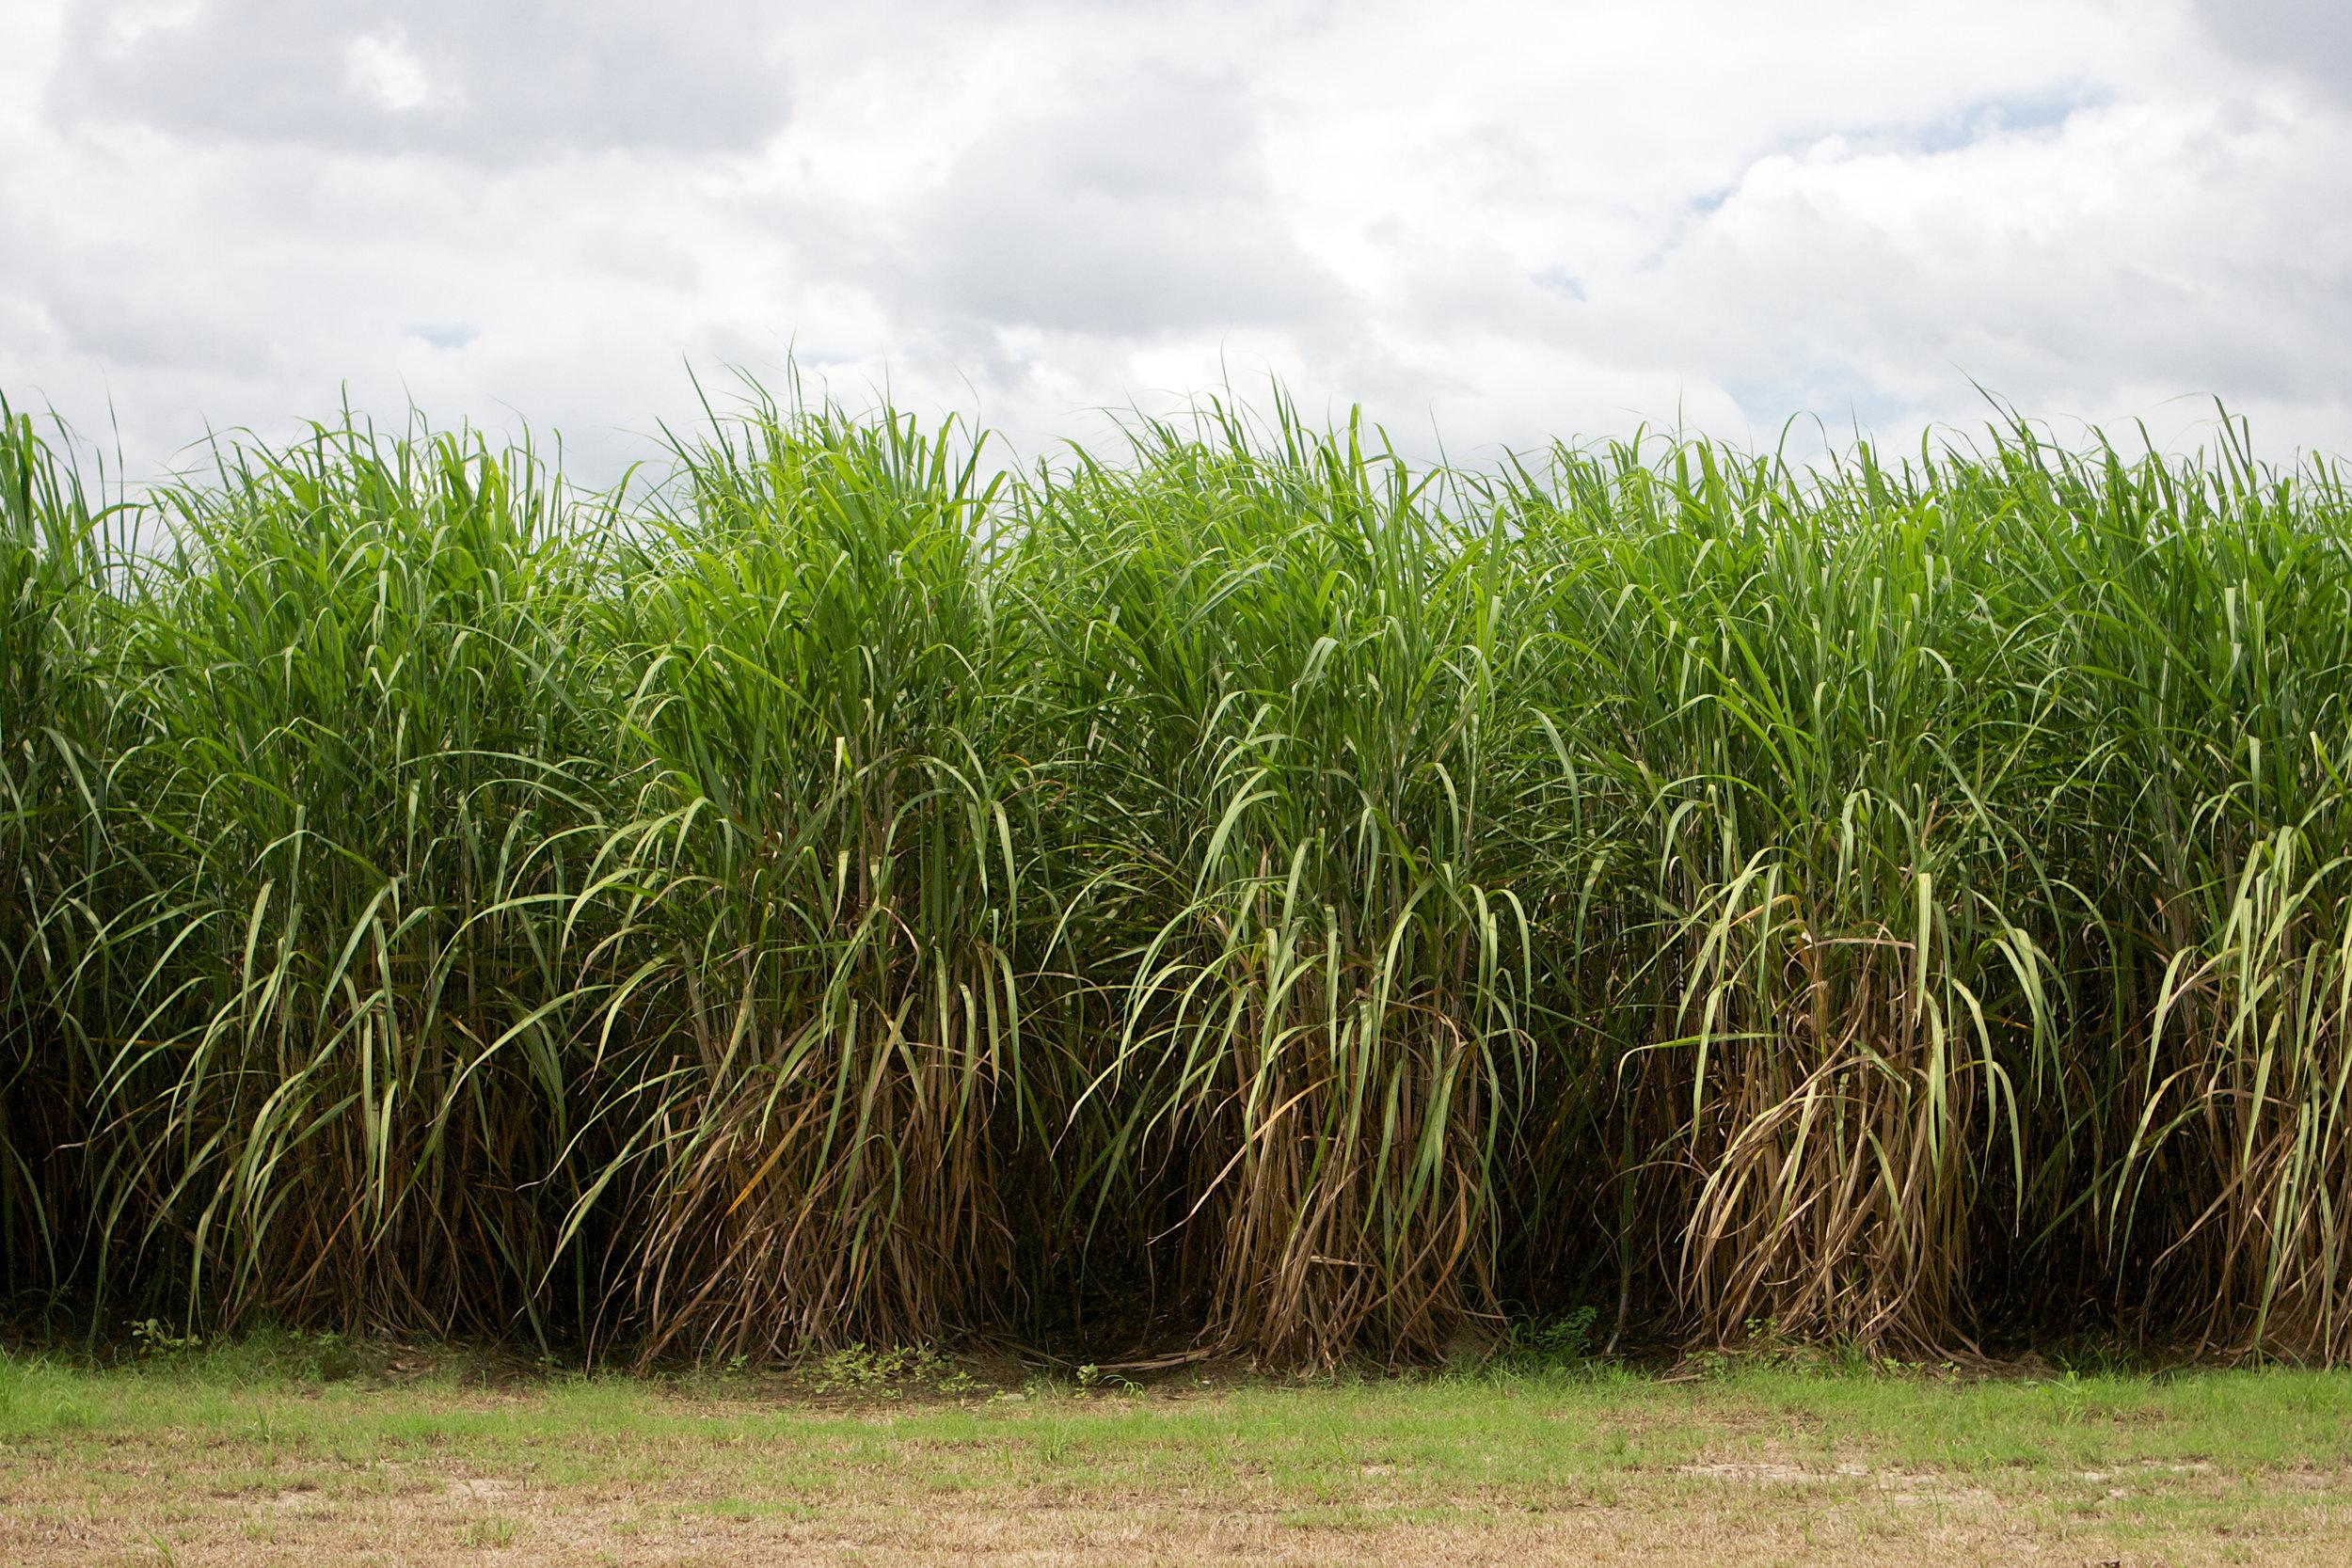 SquarespaceImage19-sugarcane-maturecane.jpg